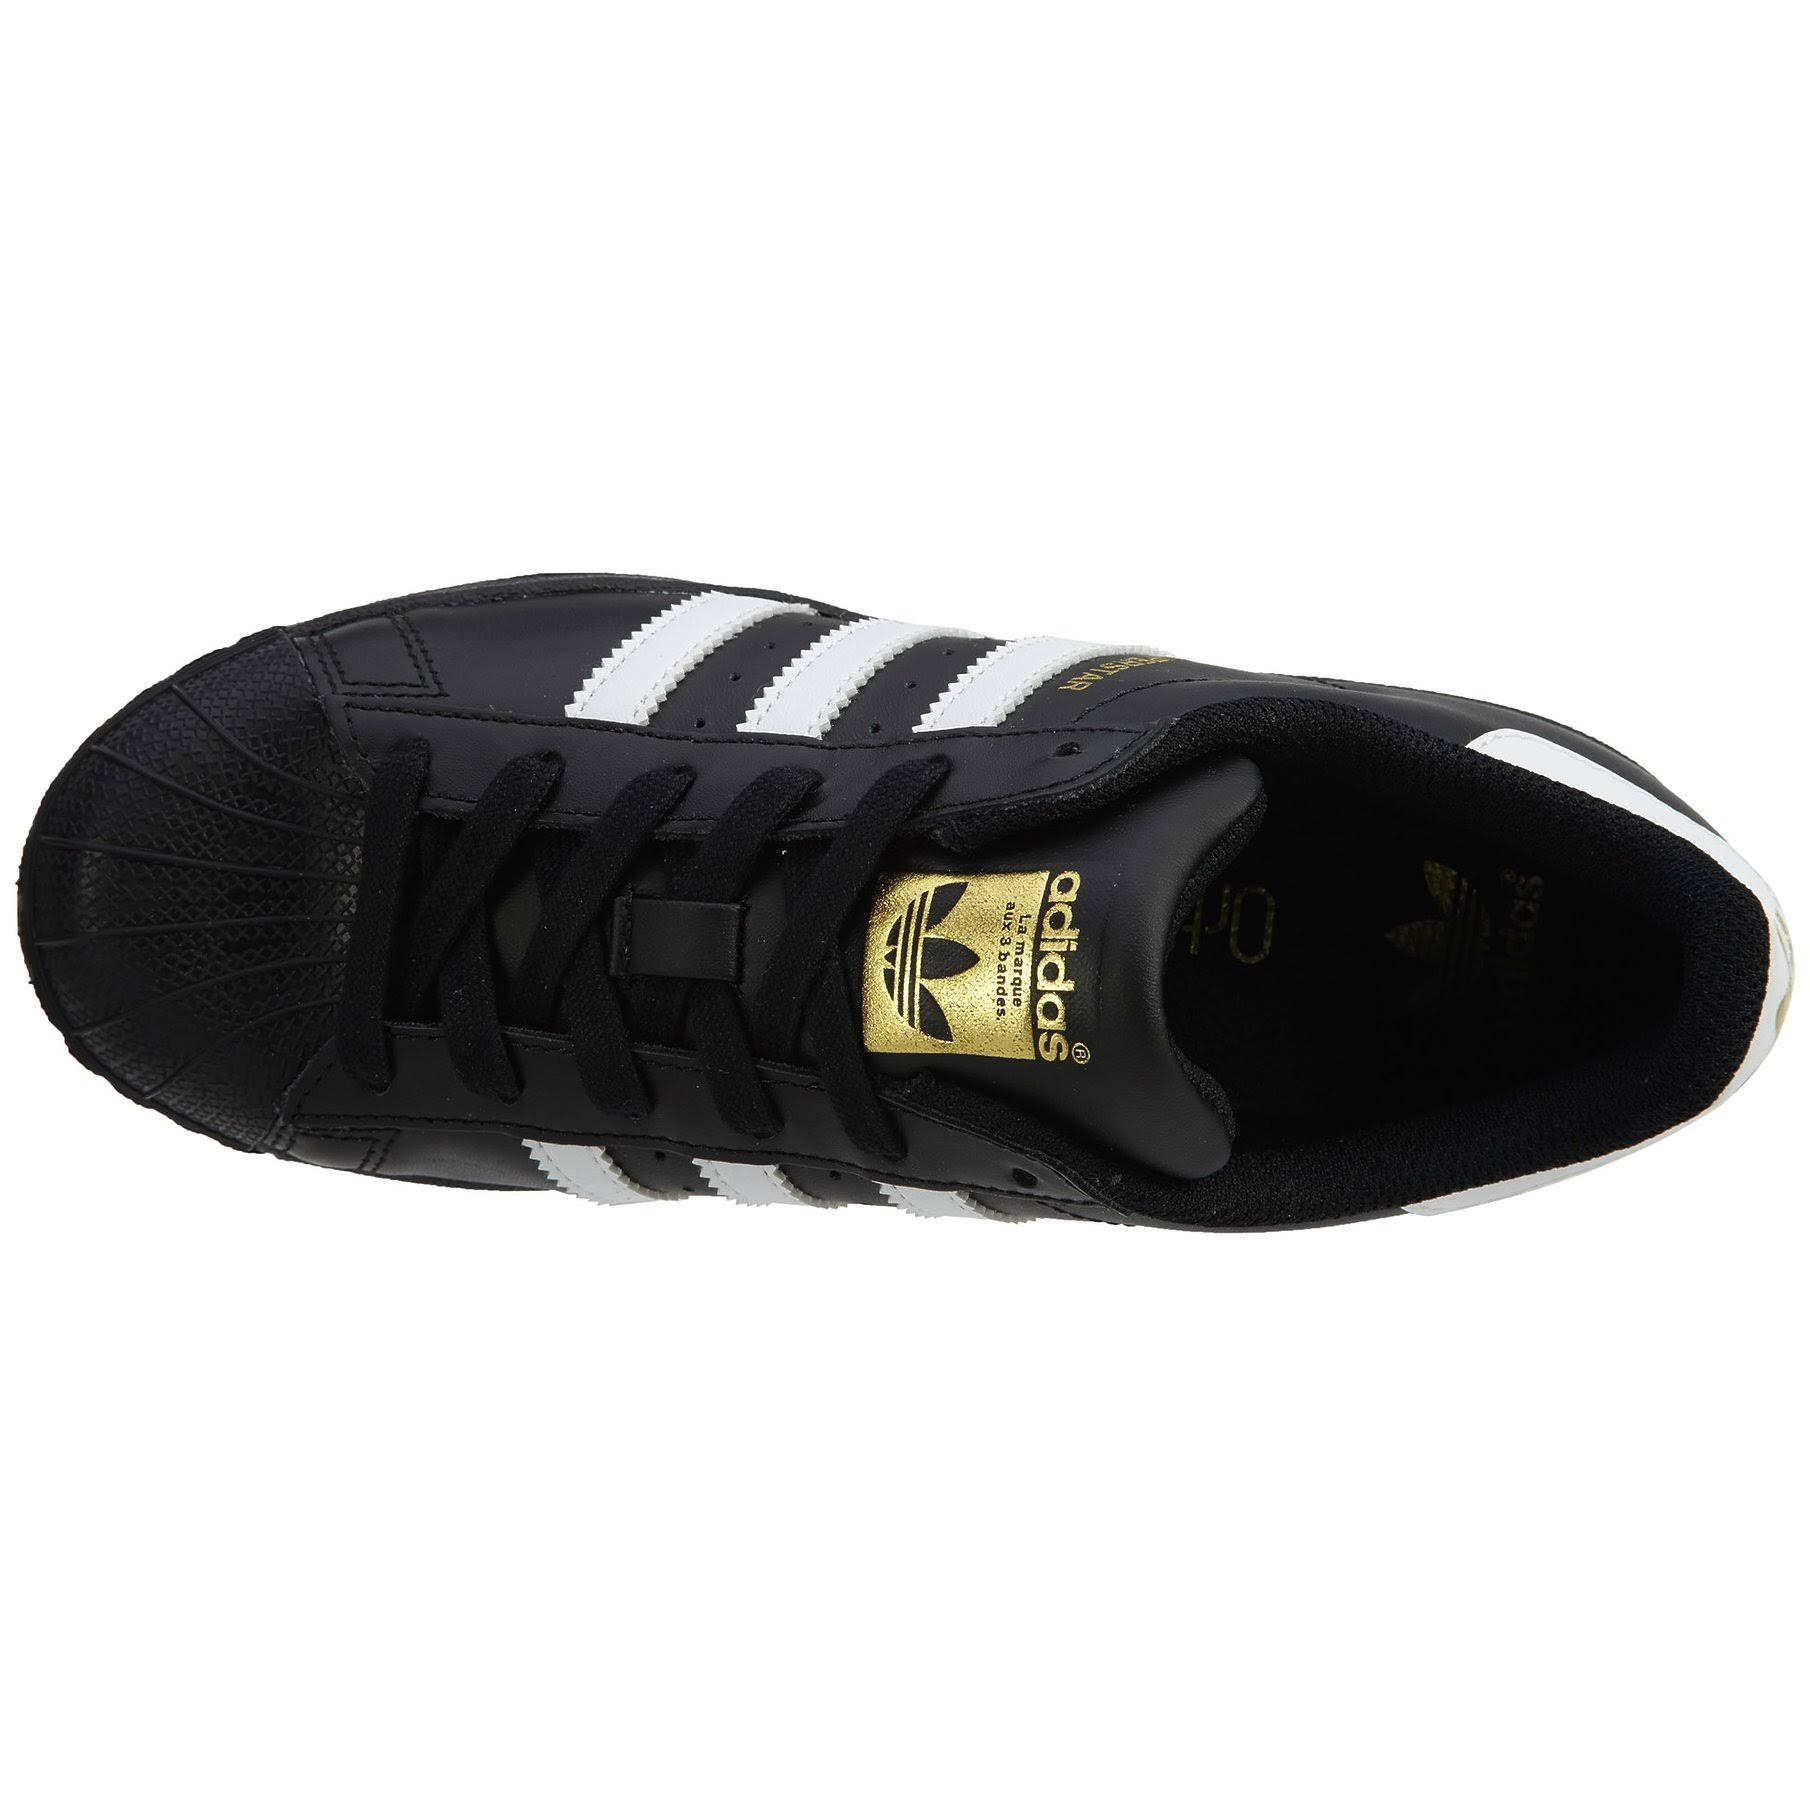 Superstar Foundation Adidas BlackTaglia Kids 5 4 Fl1J3TKc